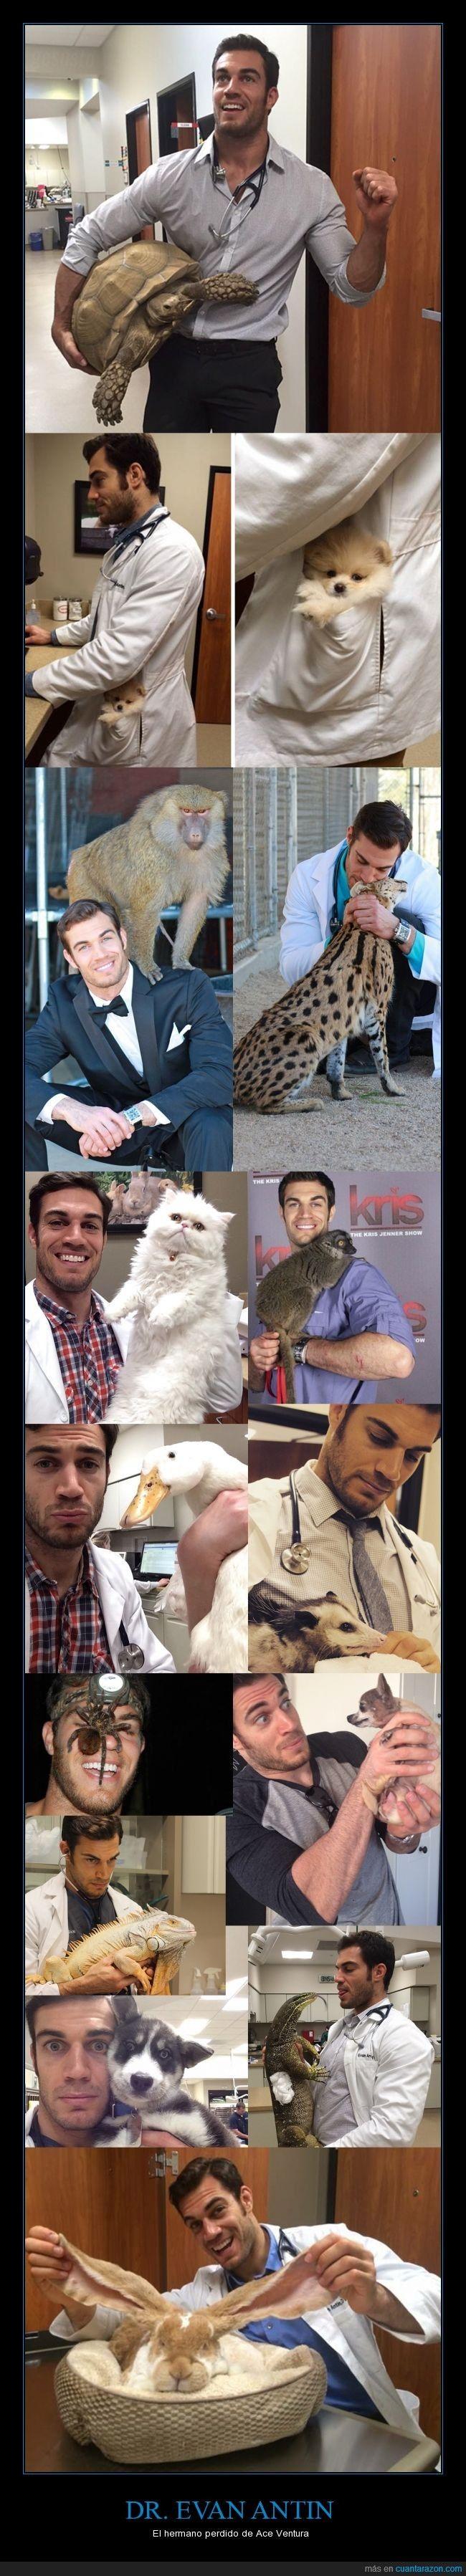 El Dr. Evan Antin es el mejor amigo de los animales - El hermano perdido de Ace Ventura   Gracias a http://www.cuantarazon.com/   Si quieres leer la noticia completa visita: http://www.estoy-aburrido.com/el-dr-evan-antin-es-el-mejor-amigo-de-los-animales-el-hermano-perdido-de-ace-ventura/